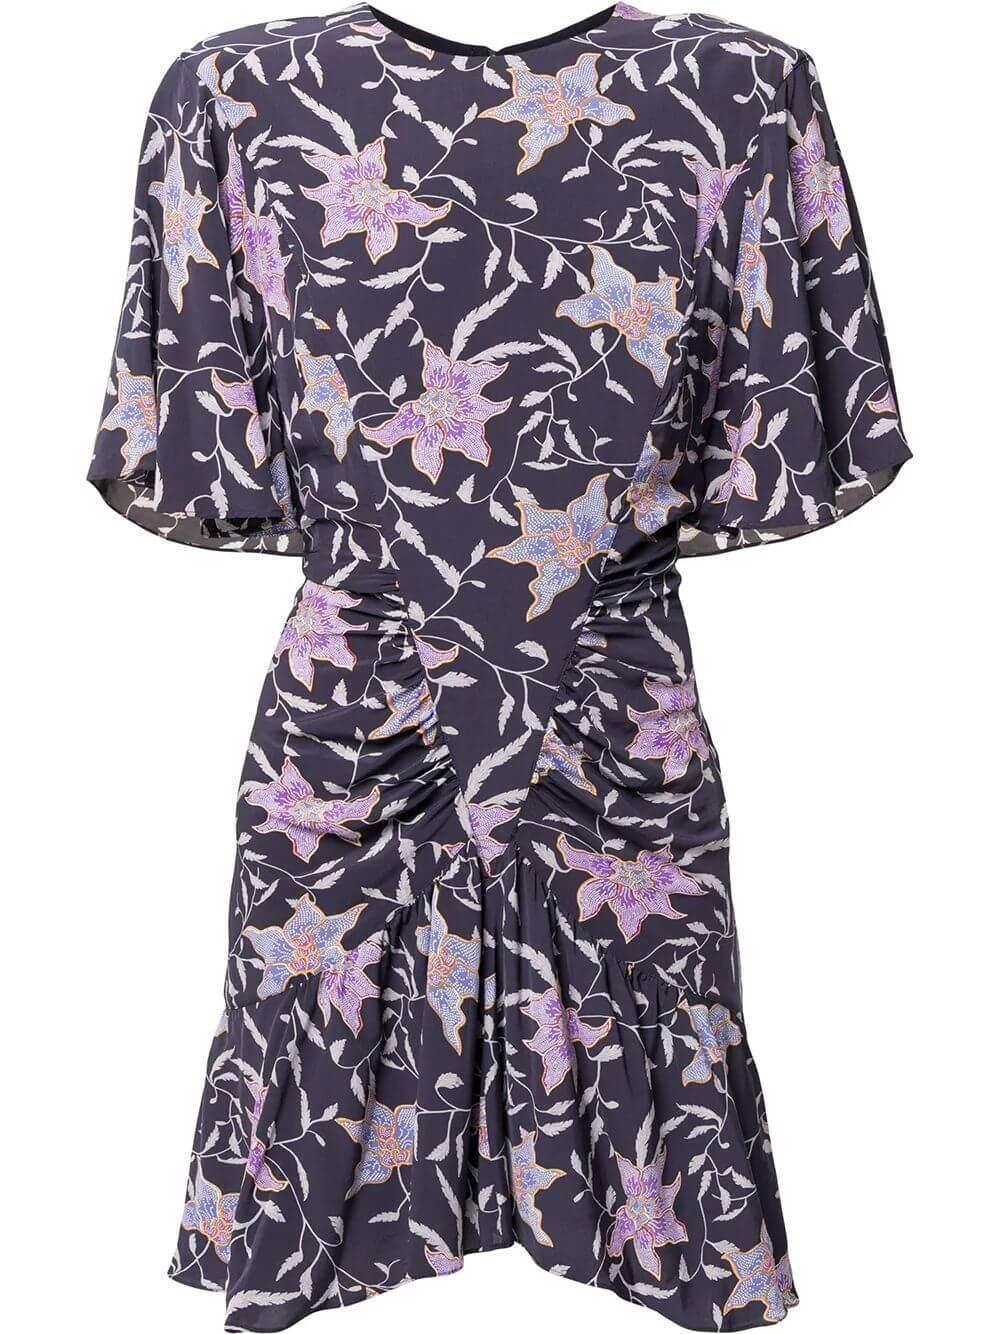 Osias Printed Dress Item # 21PRO1861-21P028E